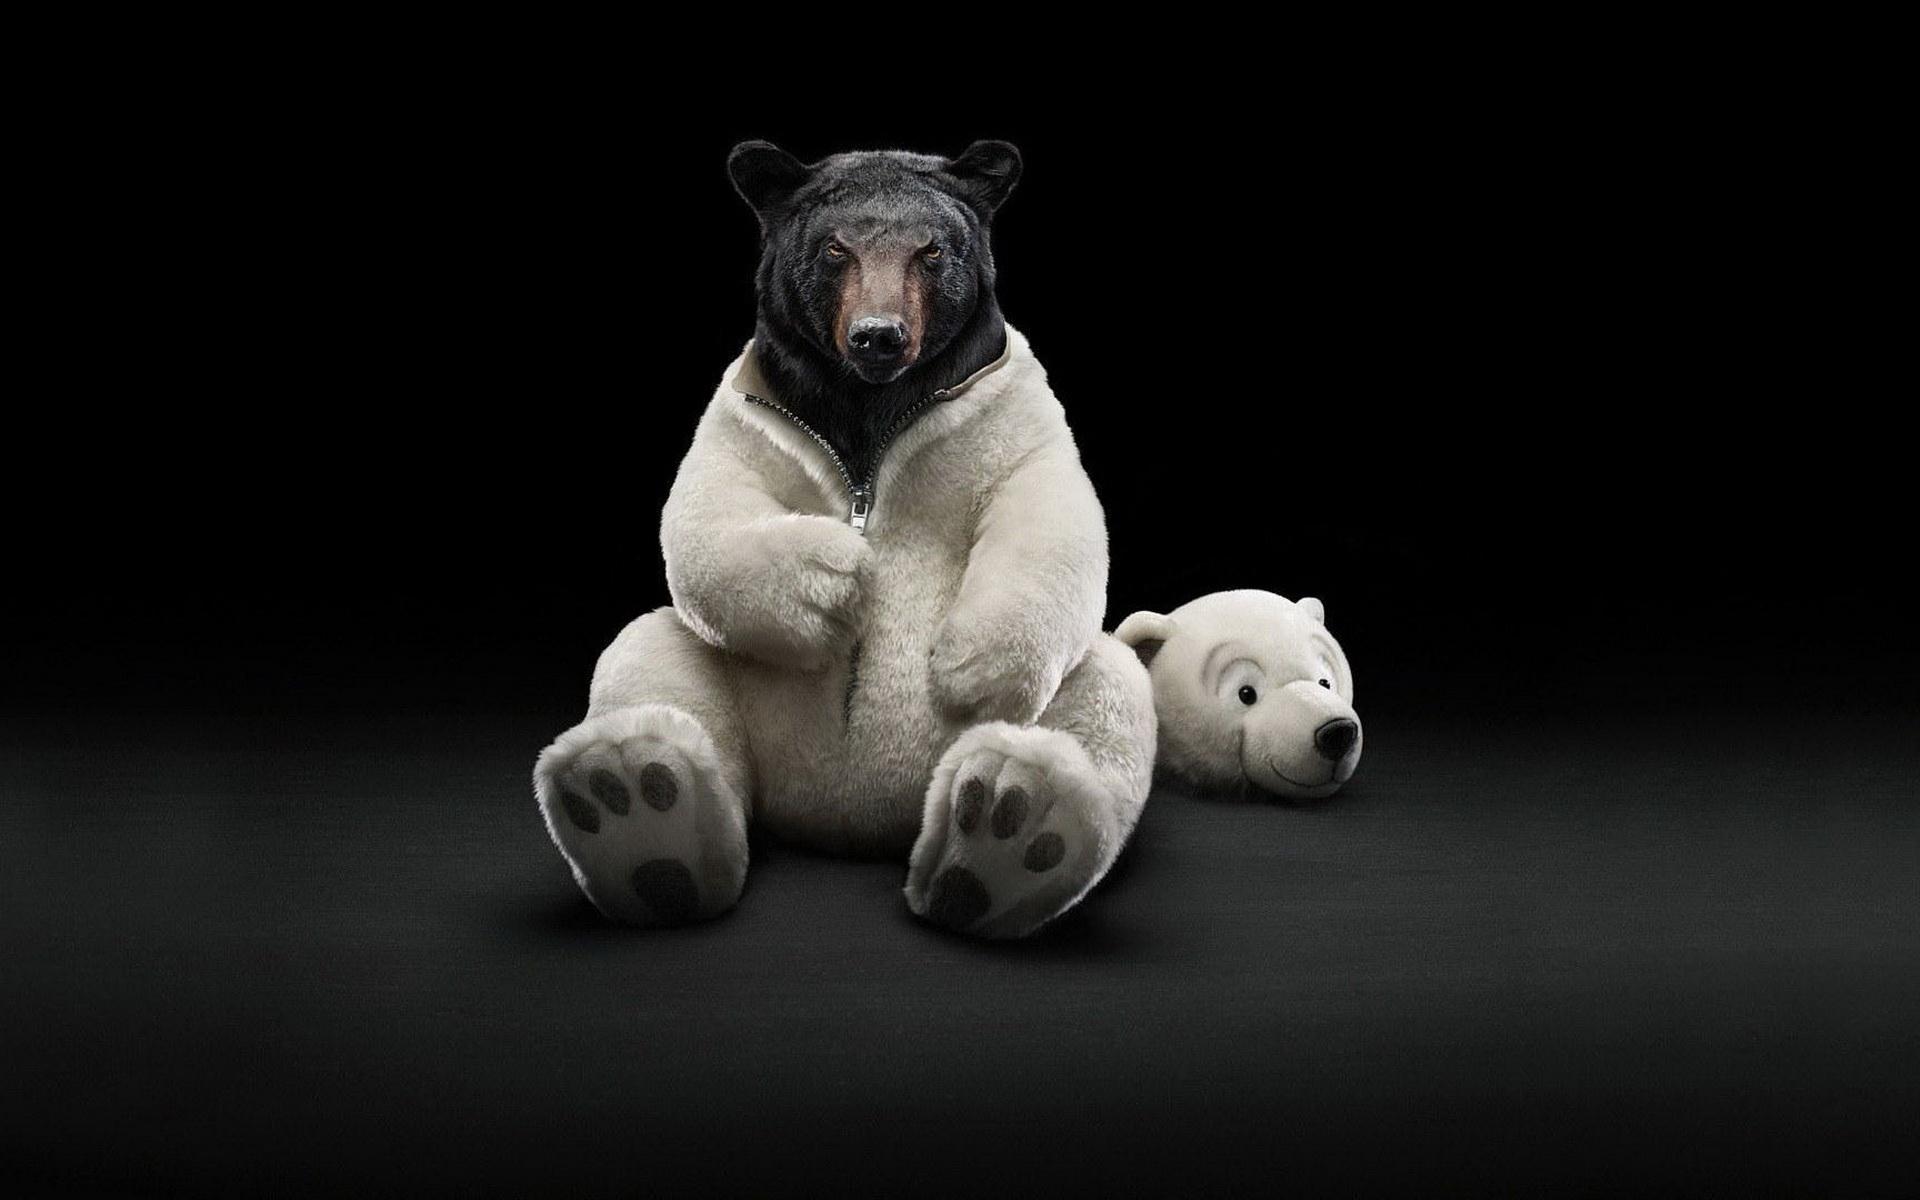 37212 скачать обои Юмор, Животные, Медведи - заставки и картинки бесплатно